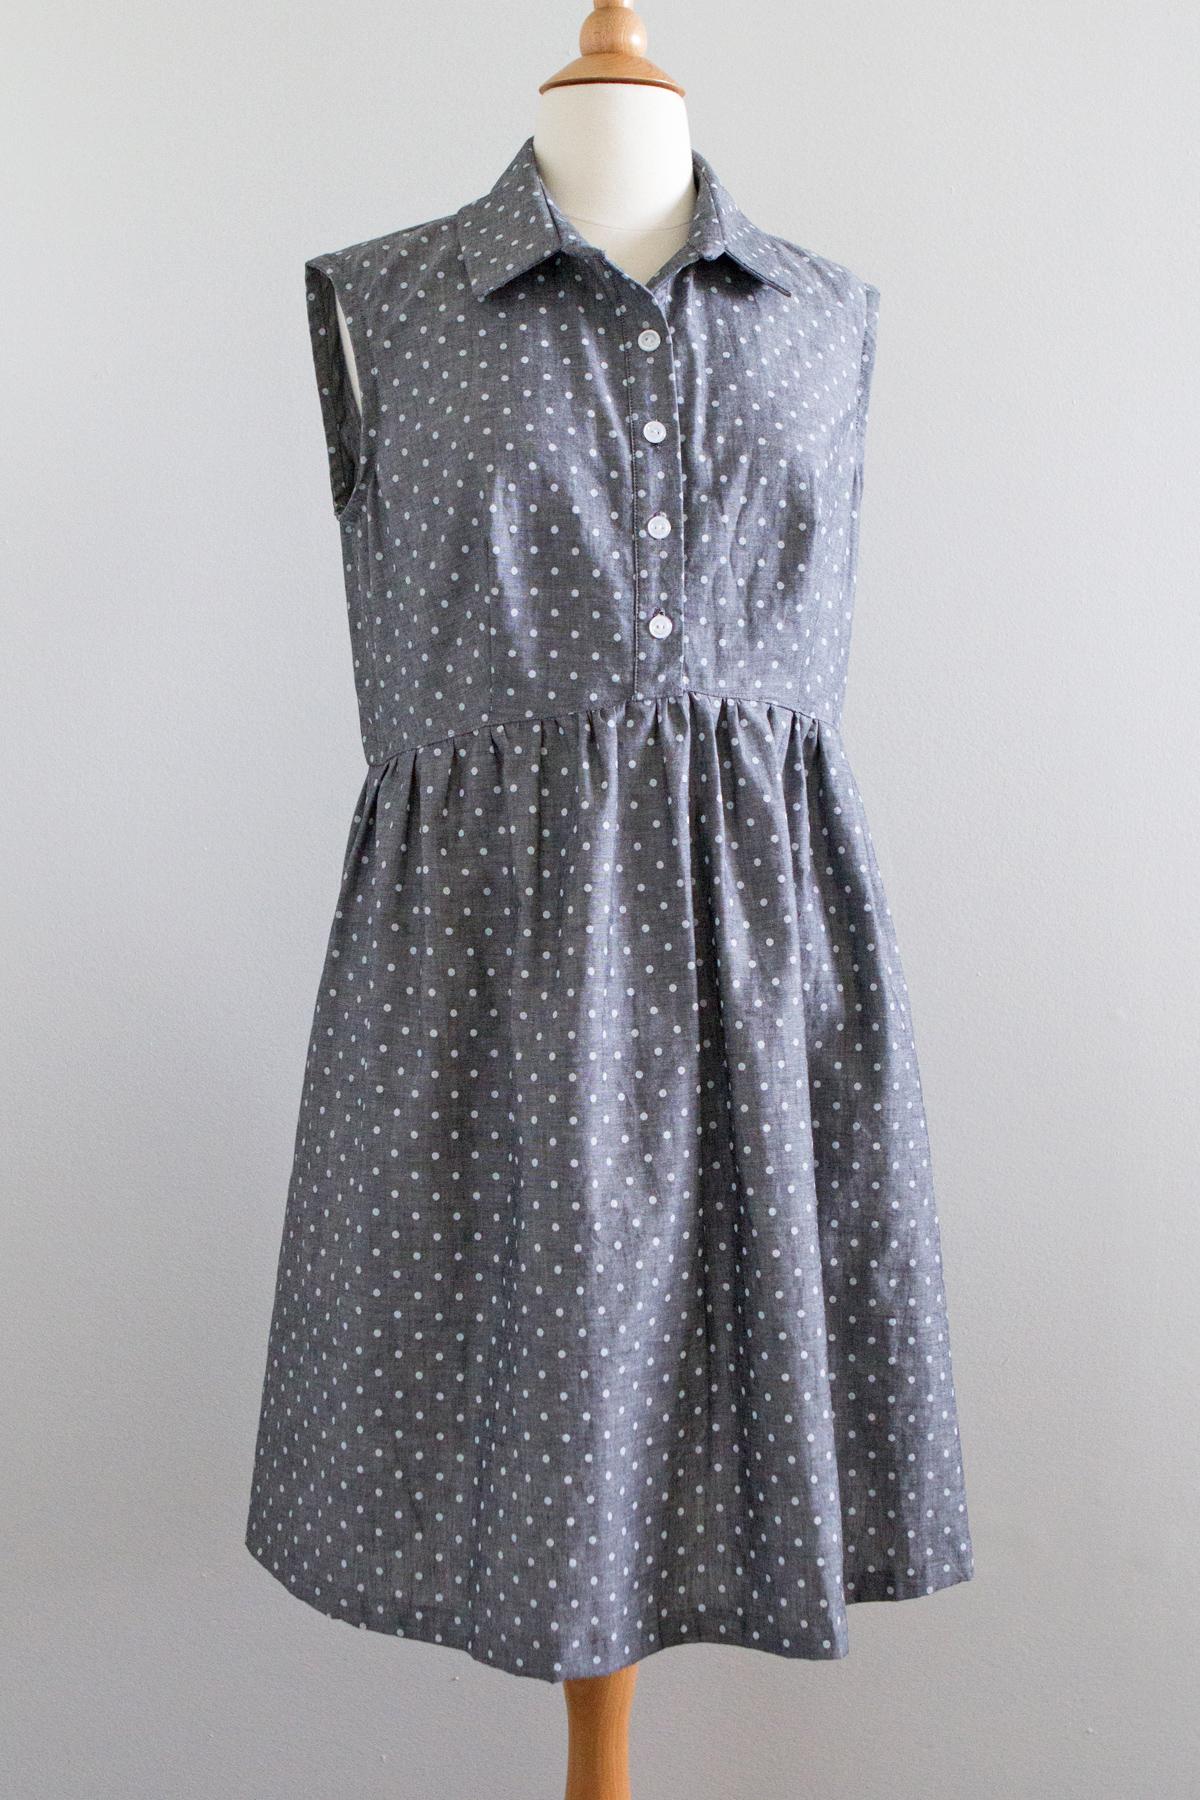 shirt dress with cotton dungaree